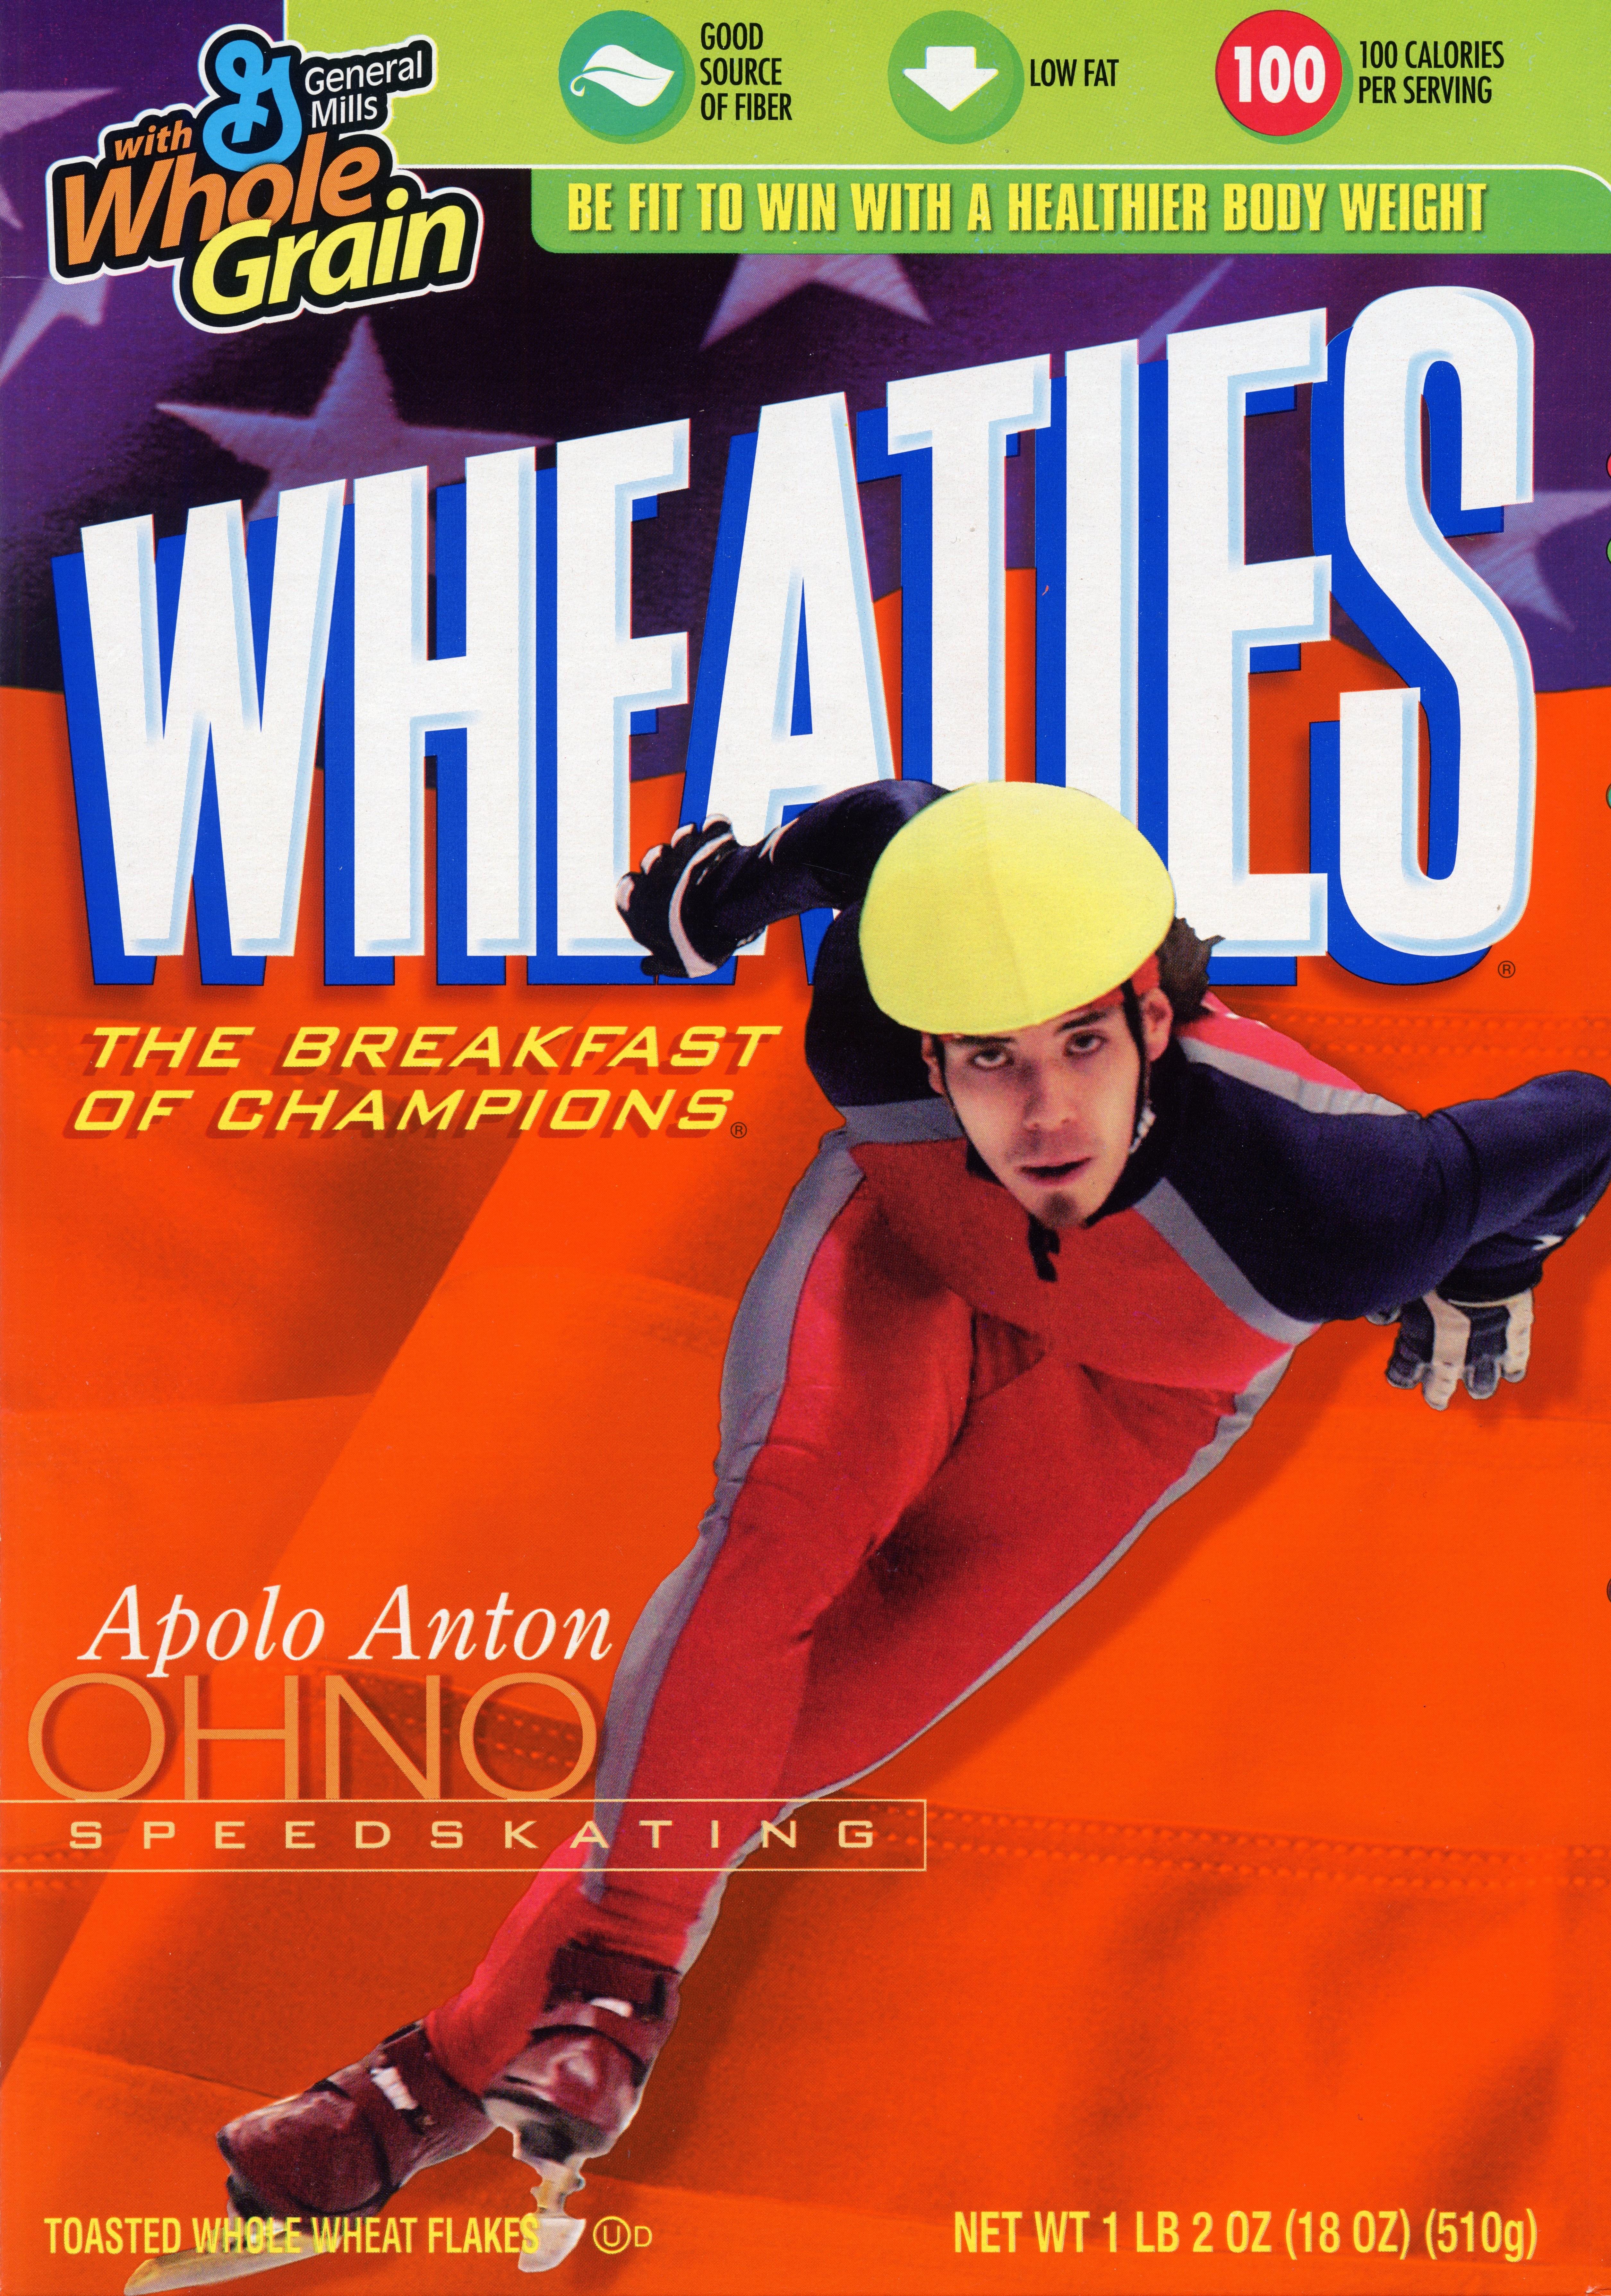 Apolo Anton Ohno on the Wheaties box.